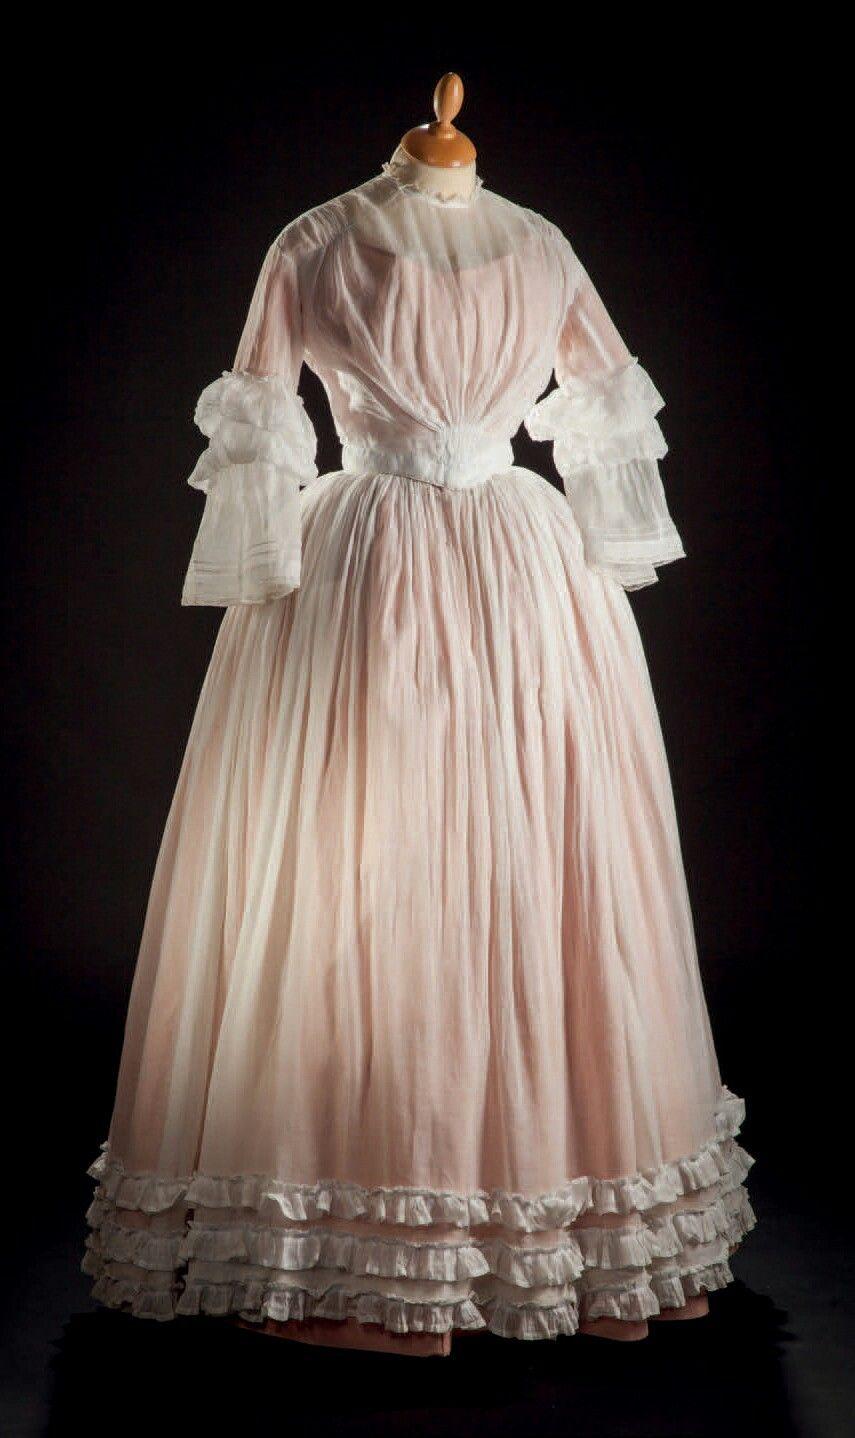 Summer Dress Ca 1845 Drouot Historical Dresses Edwardian Fashion Vintage Dresses [ 1438 x 855 Pixel ]